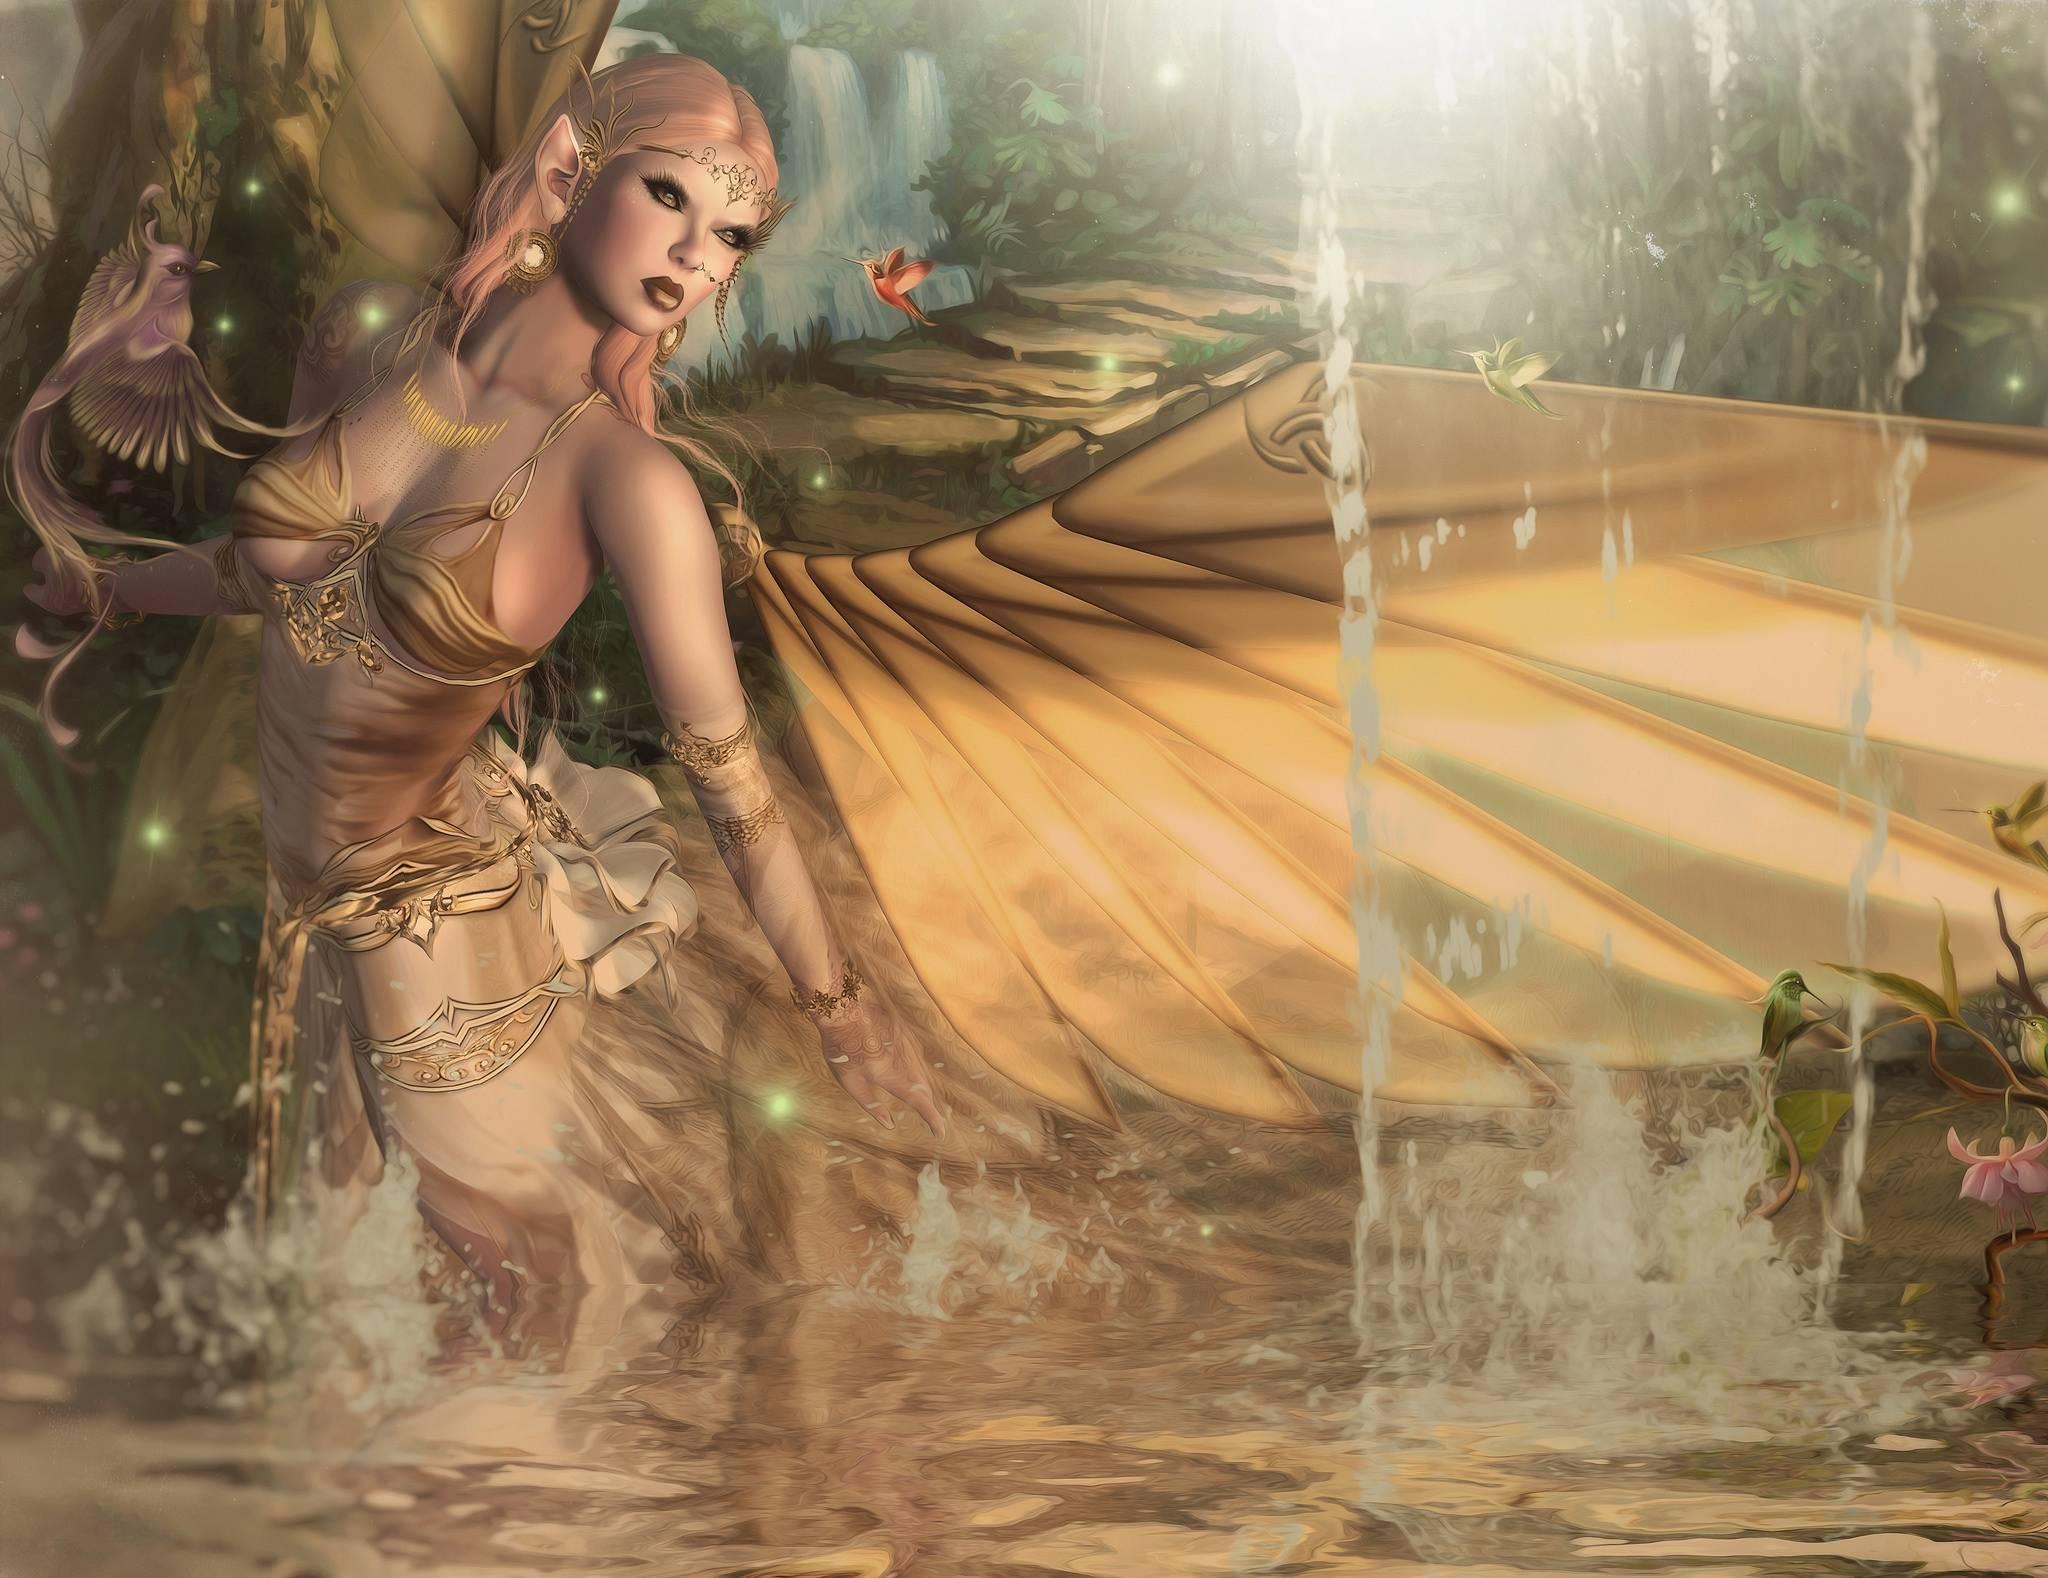 девушка, фантастическая девушка, ангел